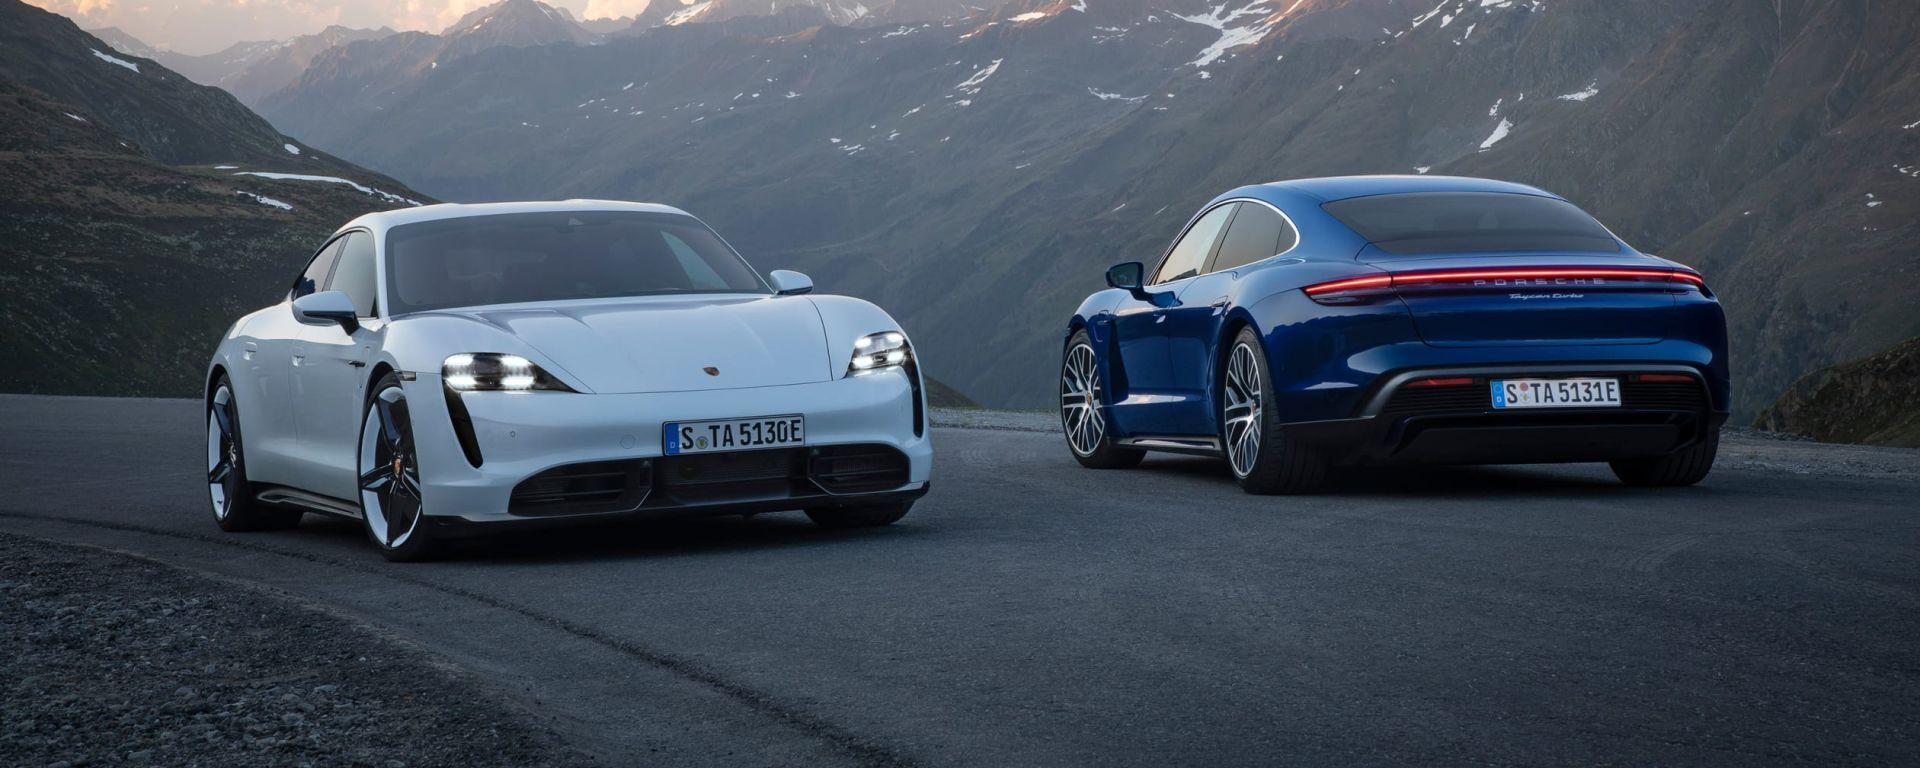 Aggiornamento software Porsche Taycan: i primi modelli migliorano il piacere di guida